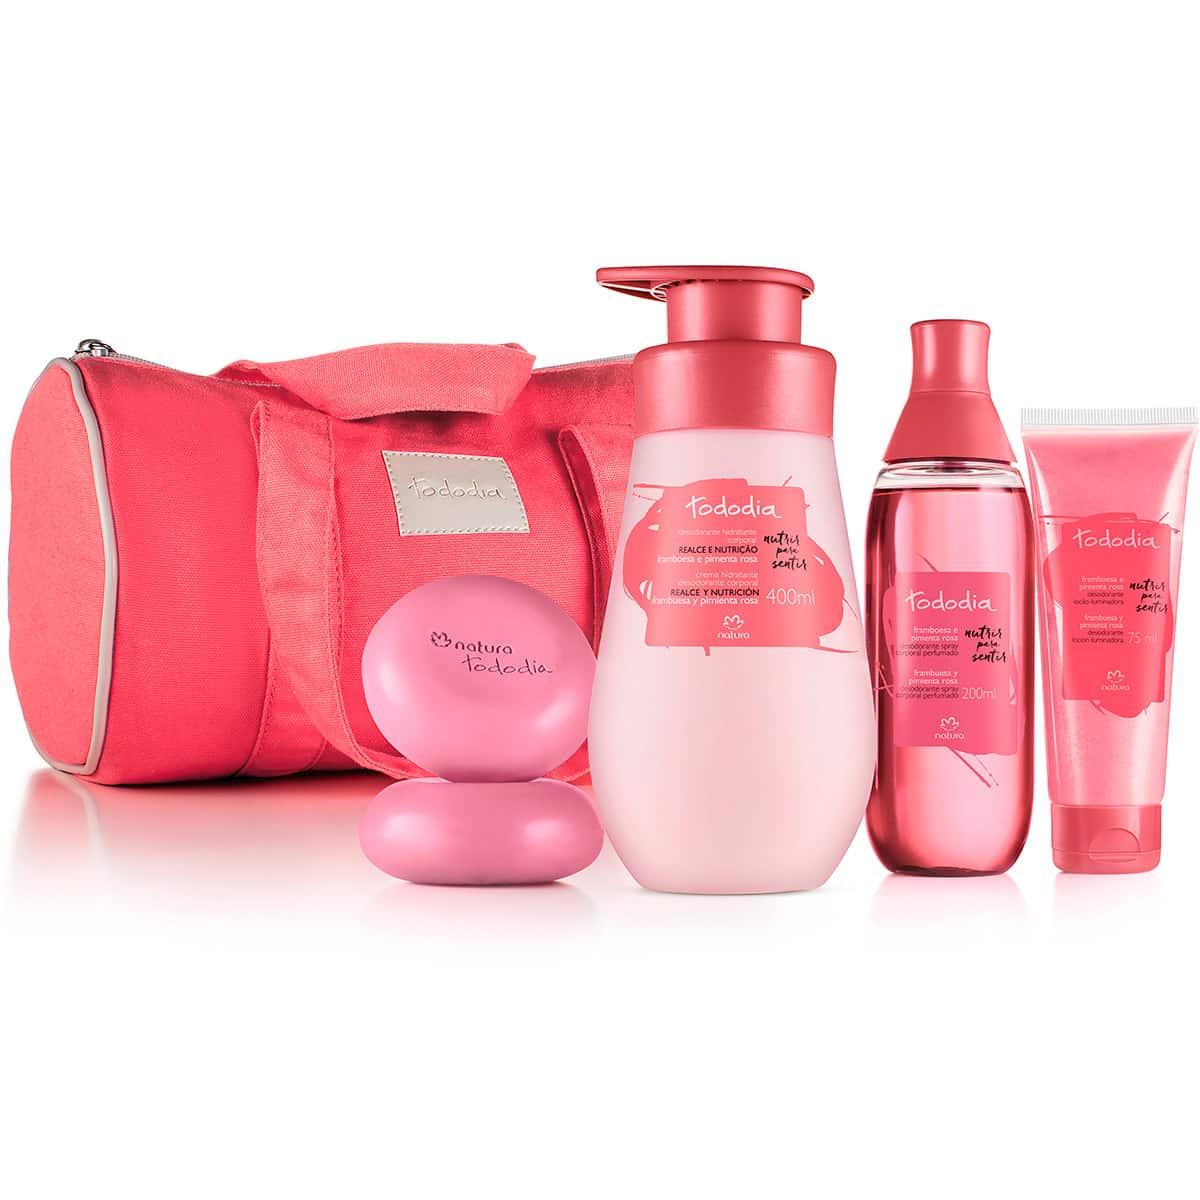 Bolsa De Mão Essencial Natura : Presente natura tododia framboesa e pimenta rosa com bolsa